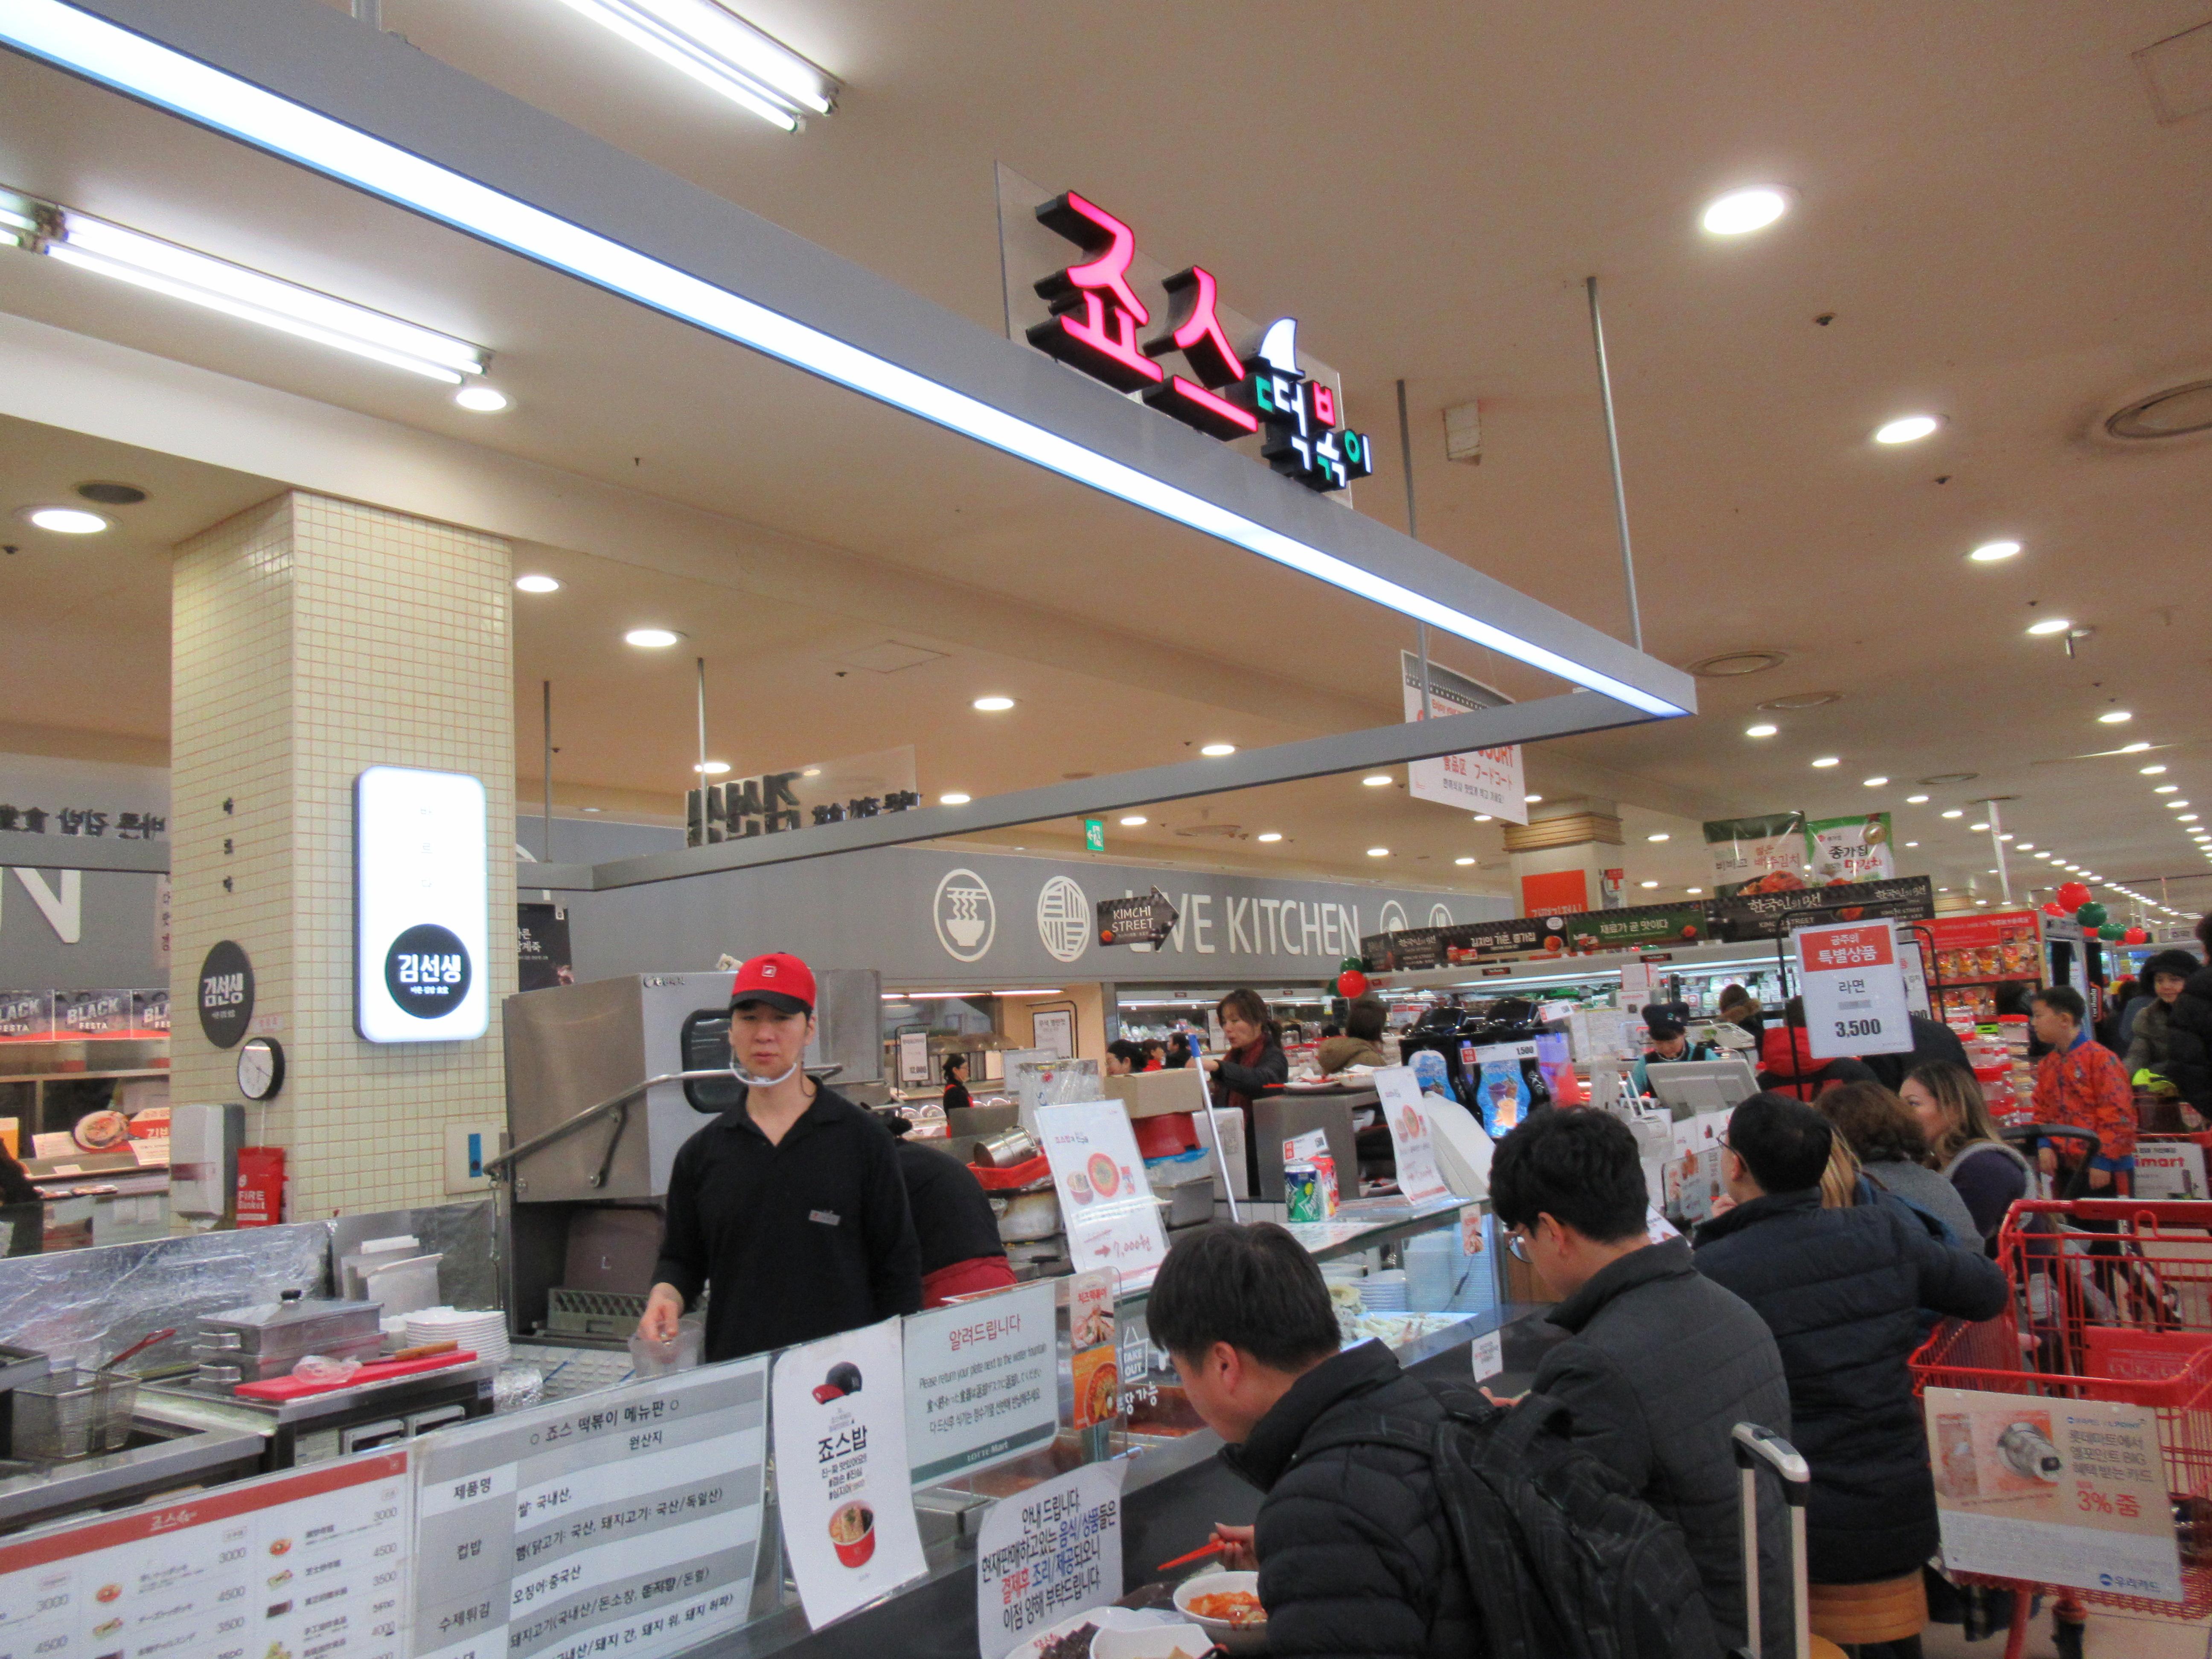 ソウルのロッテマートの中にあるフードコートのメニュー|韓国ブログ旅